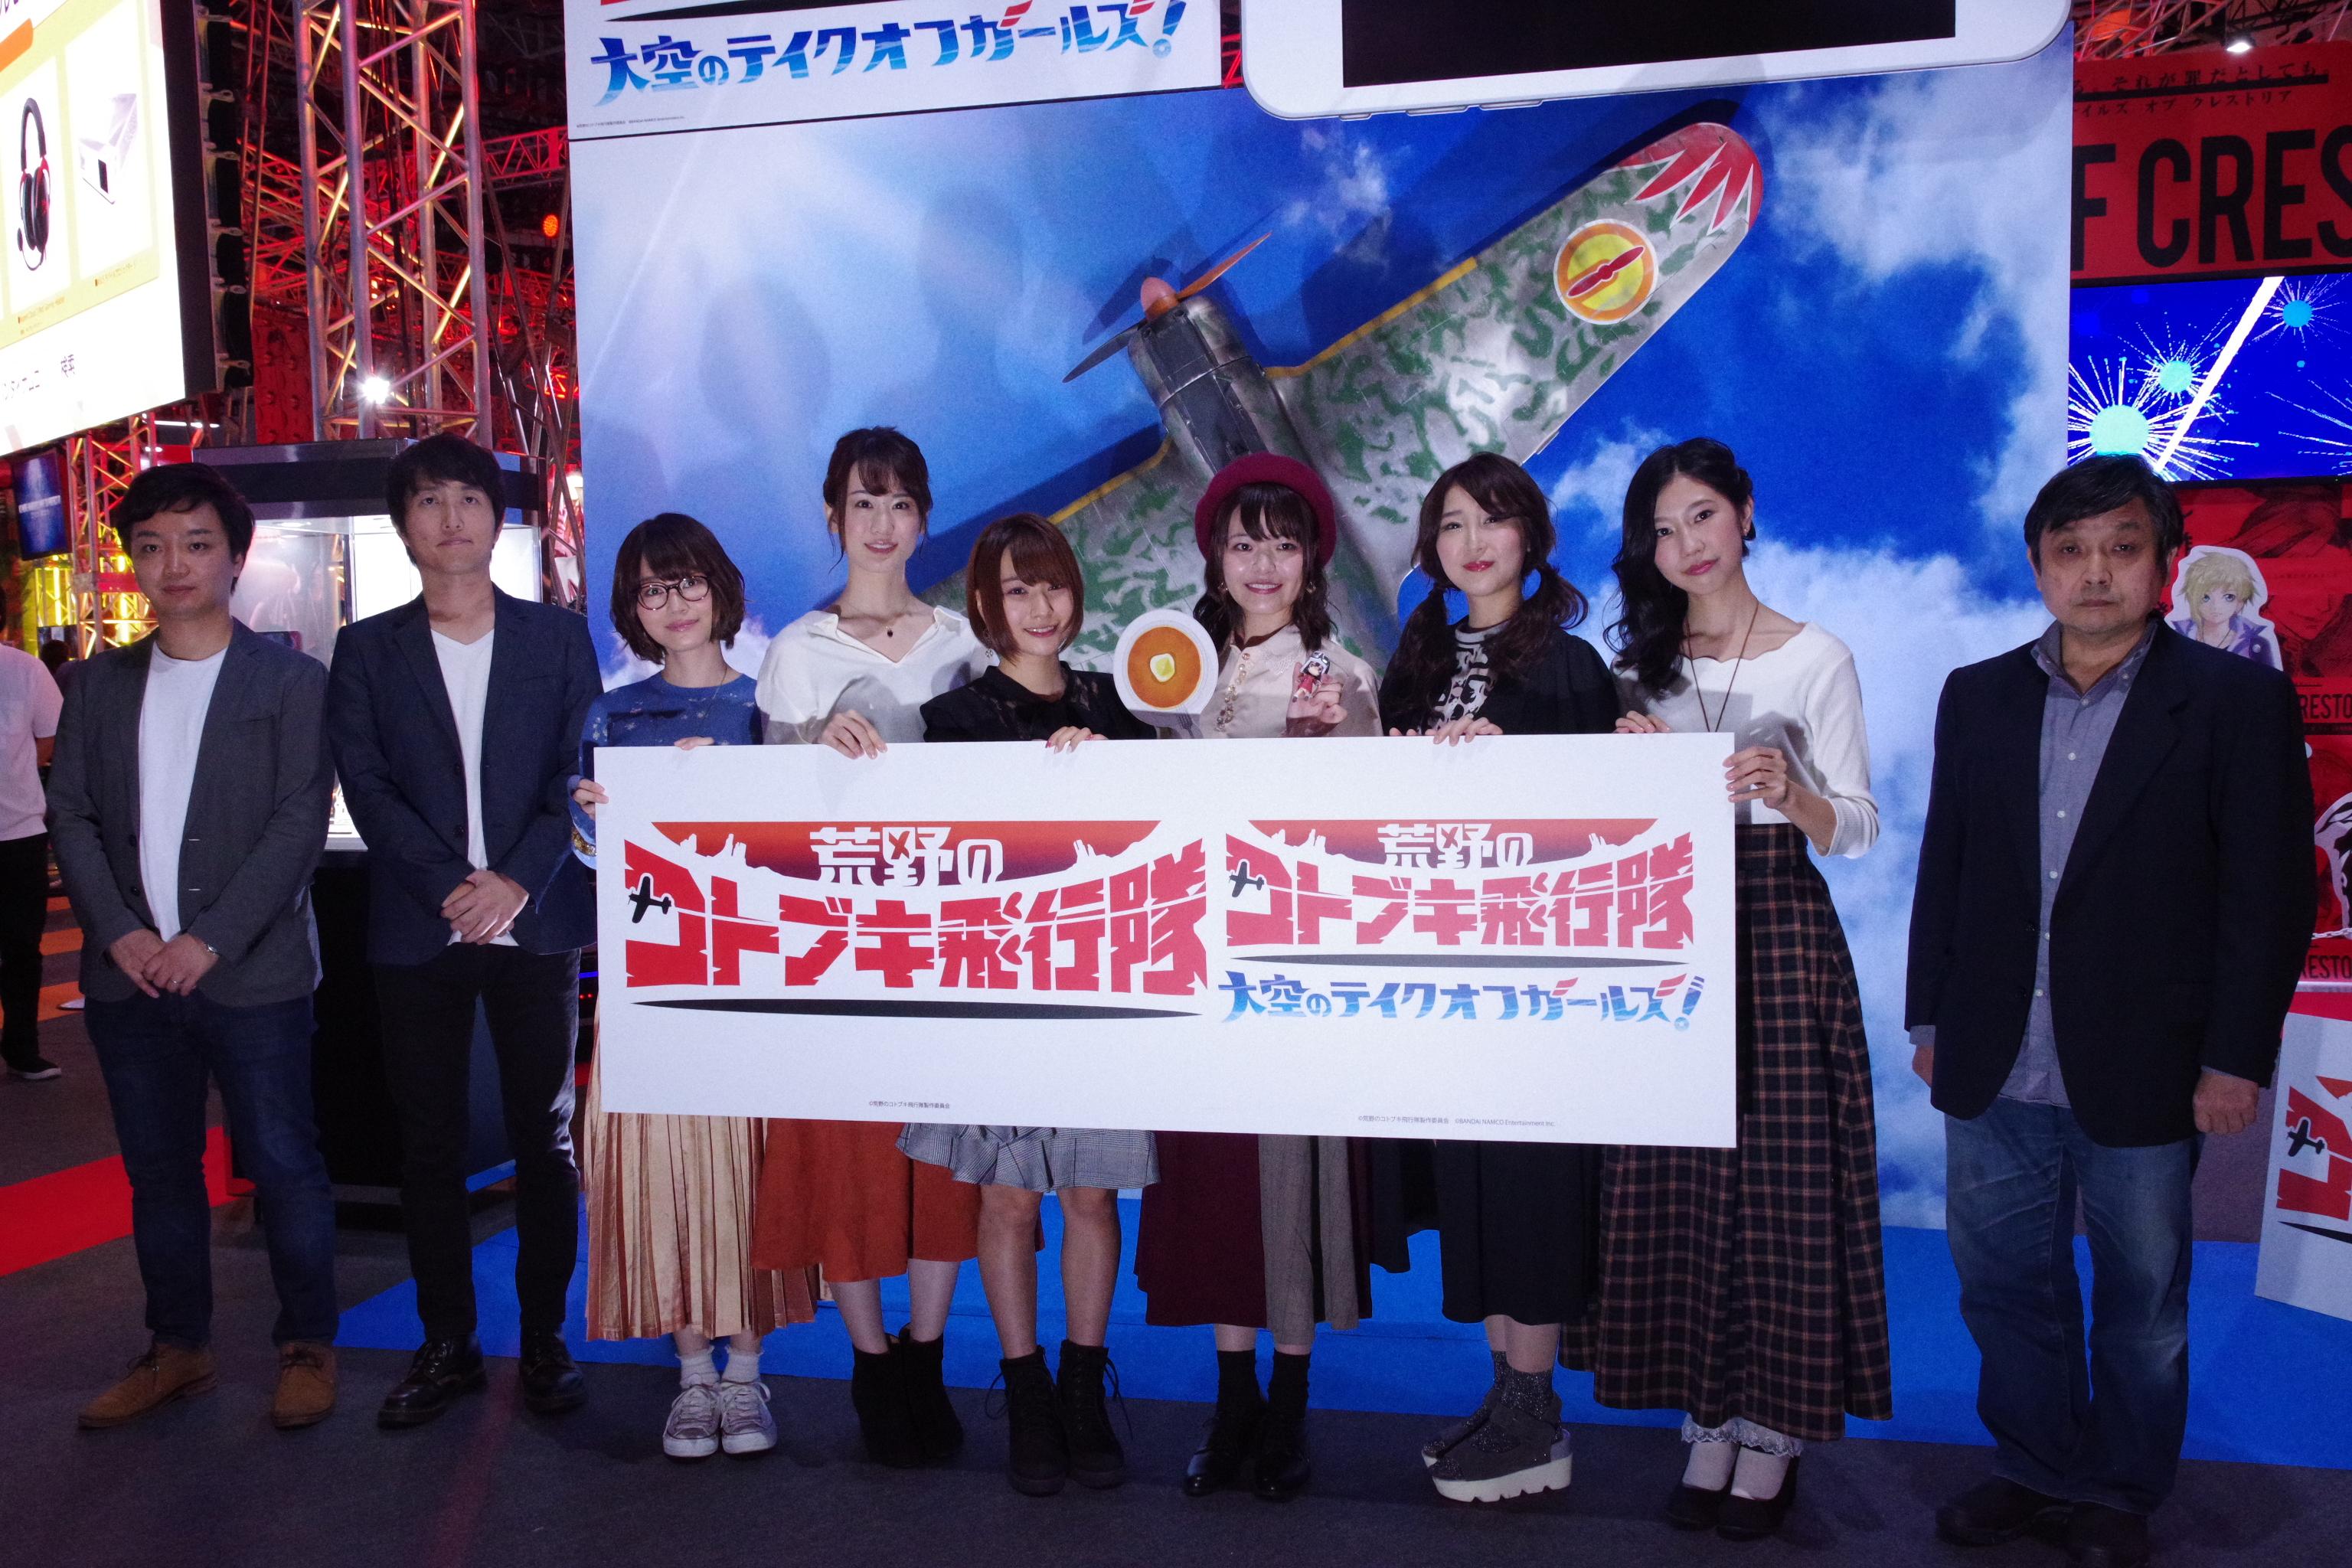 『荒野のコトブキ飛行隊』アニメ&ゲームプロジェクト発表会をレポ【TGS2018】